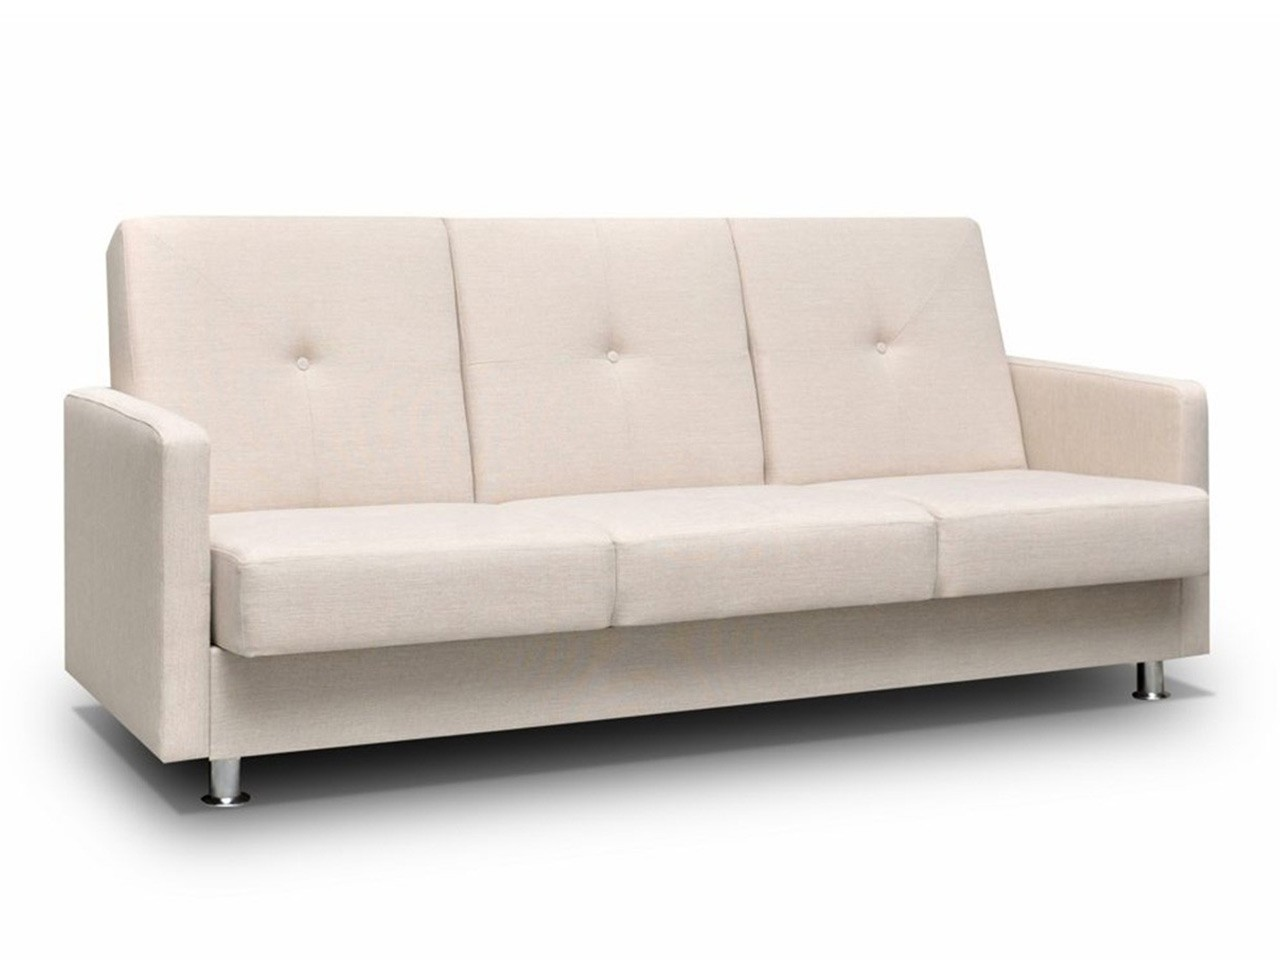 Sofa Retro Mit Bettkasten Mirjan24